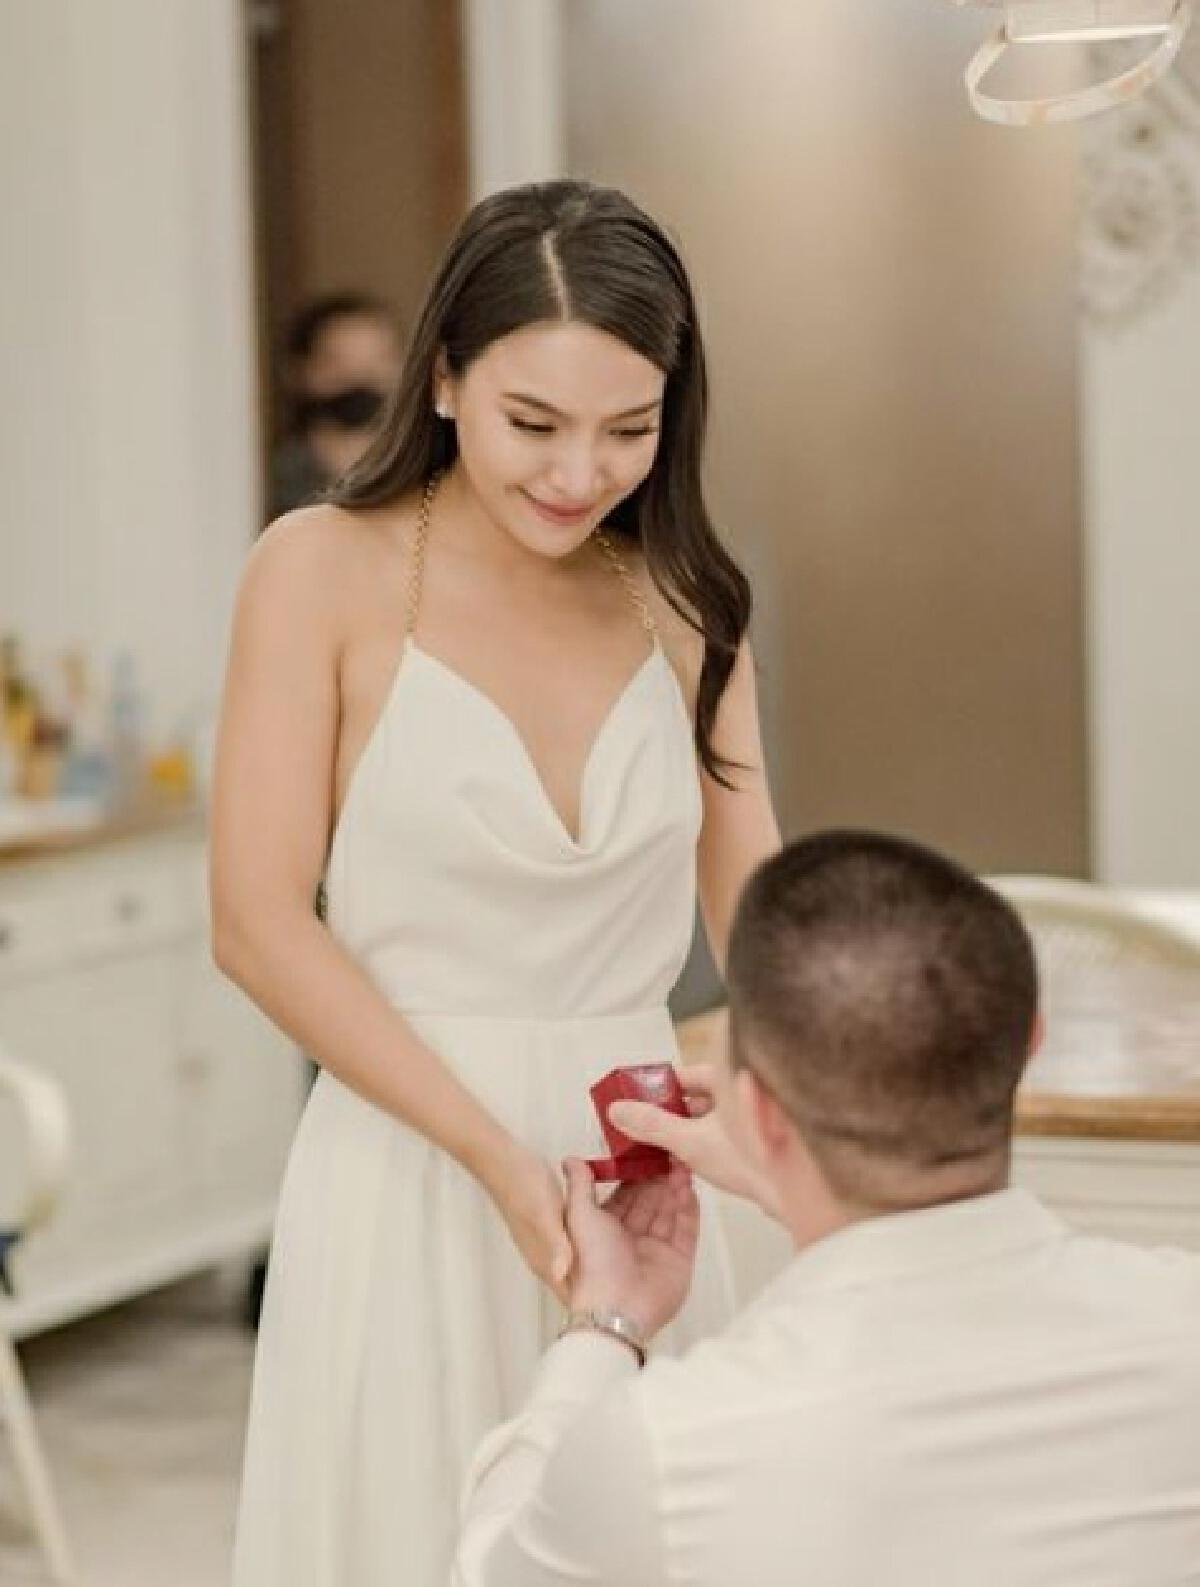 แห่แสดงความยินดี มะปราง วิรากานต์  ถูกแฟนหนุ่ม  คุกเข่าขอแต่งงาน